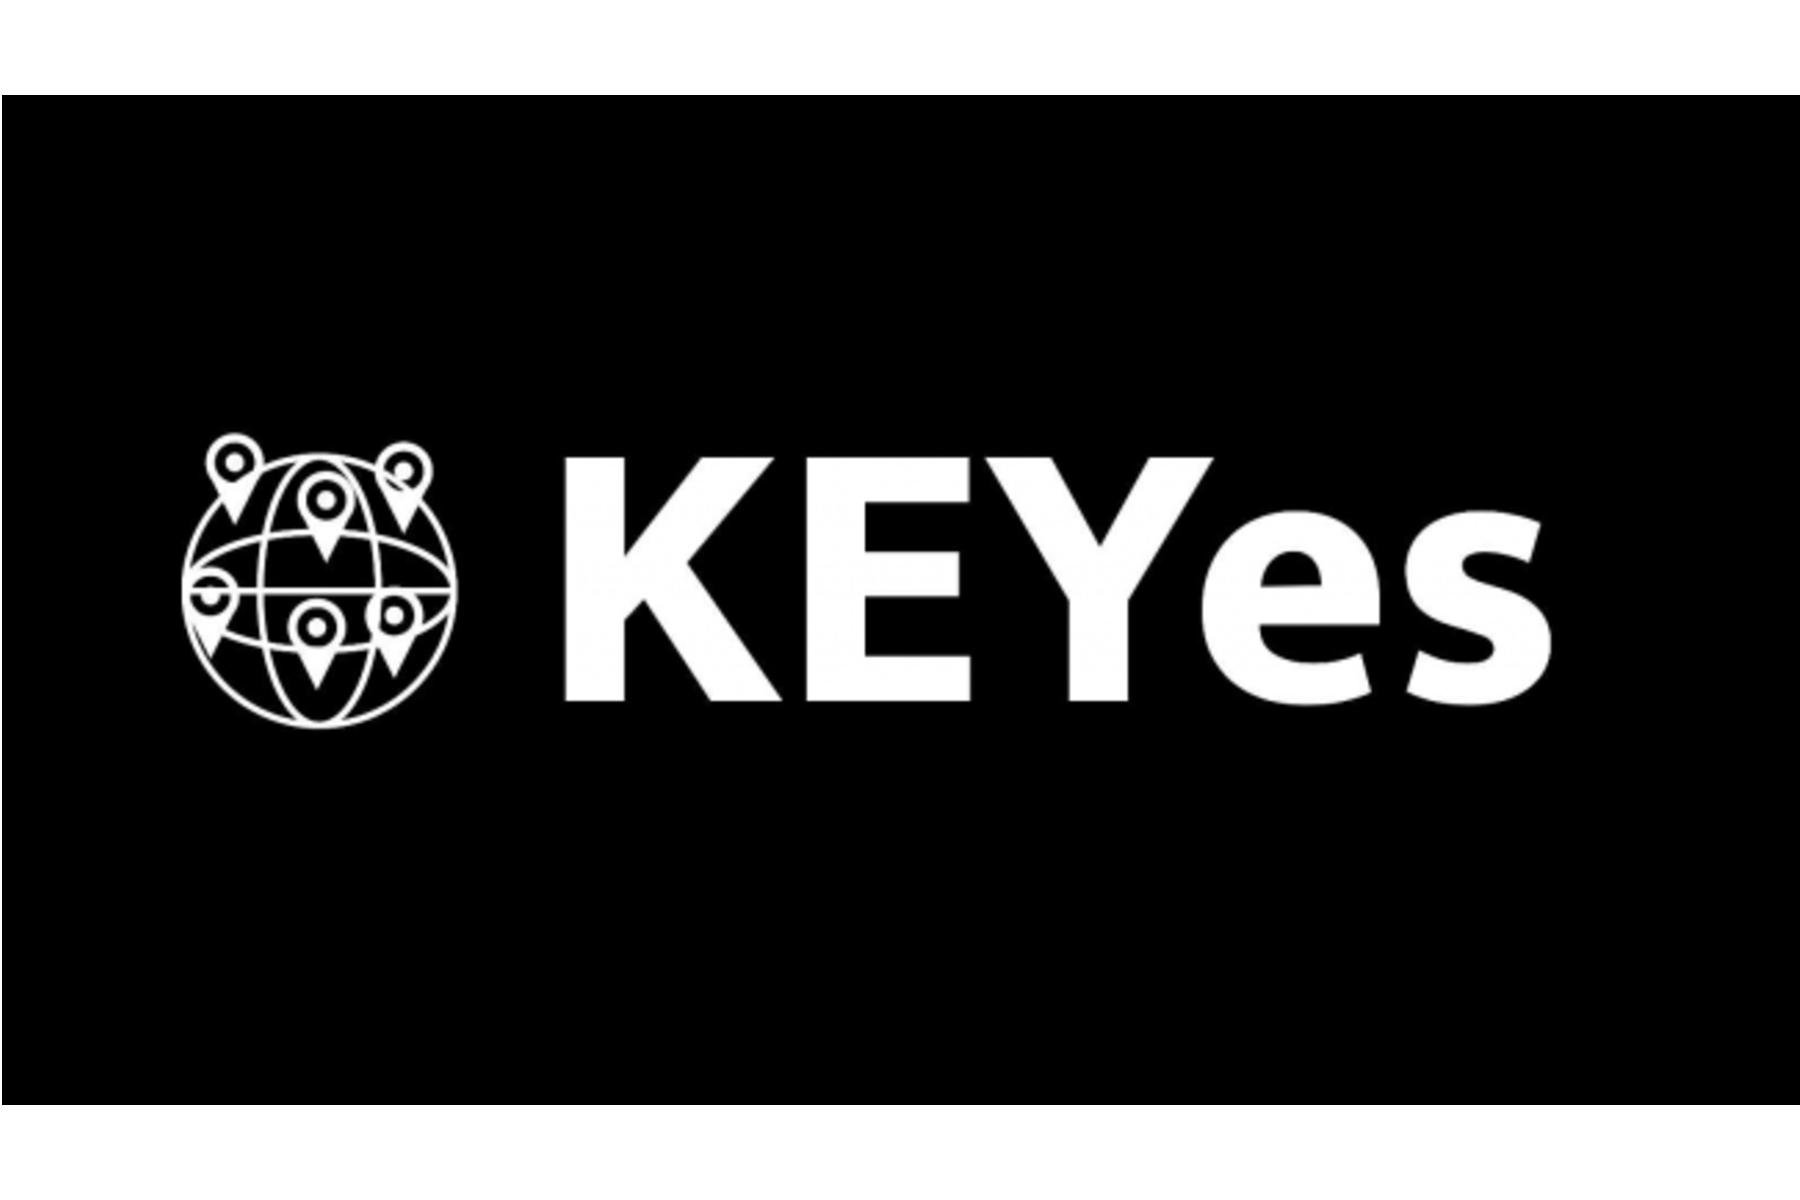 KEYes×あなぶきグループ | 鍵管理システムを不動産で実運用化するための実証実験をスタート